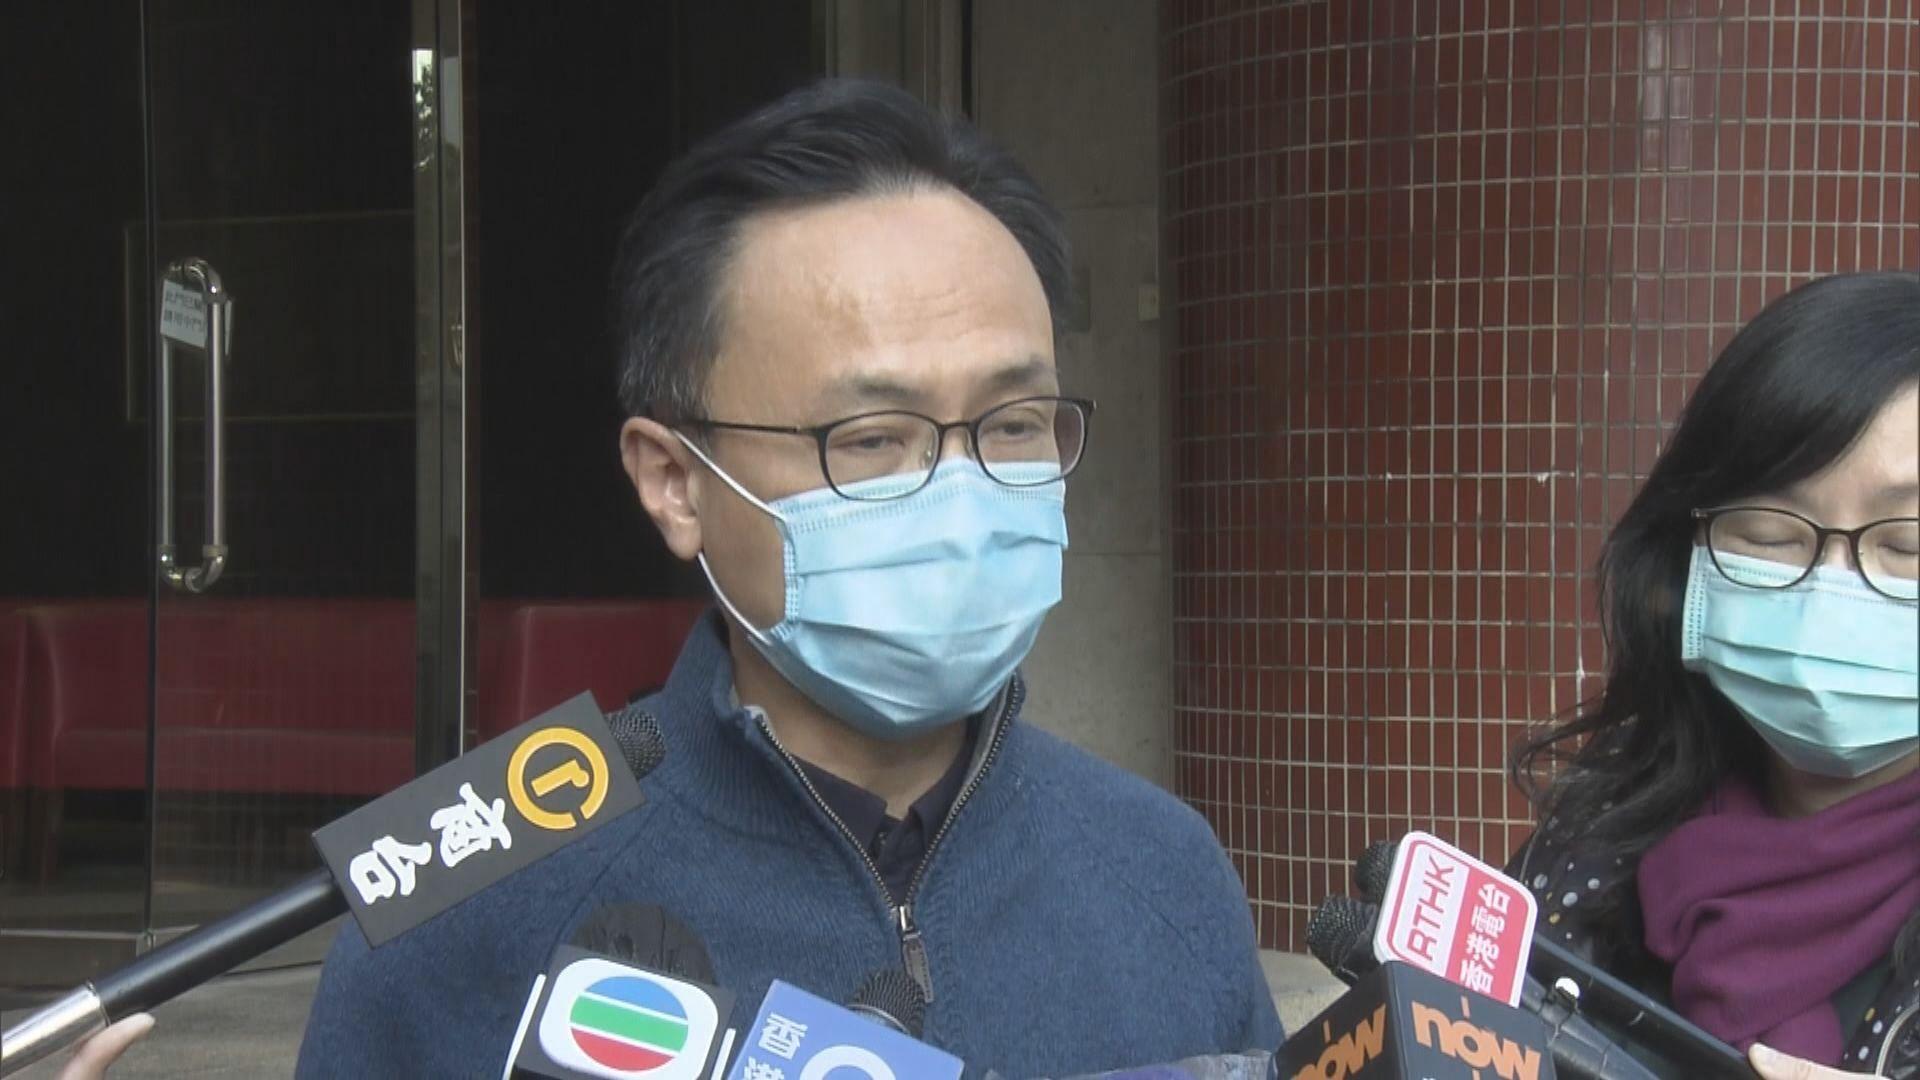 聶德權:公務員能否持BNO與反制措施不能混為一談